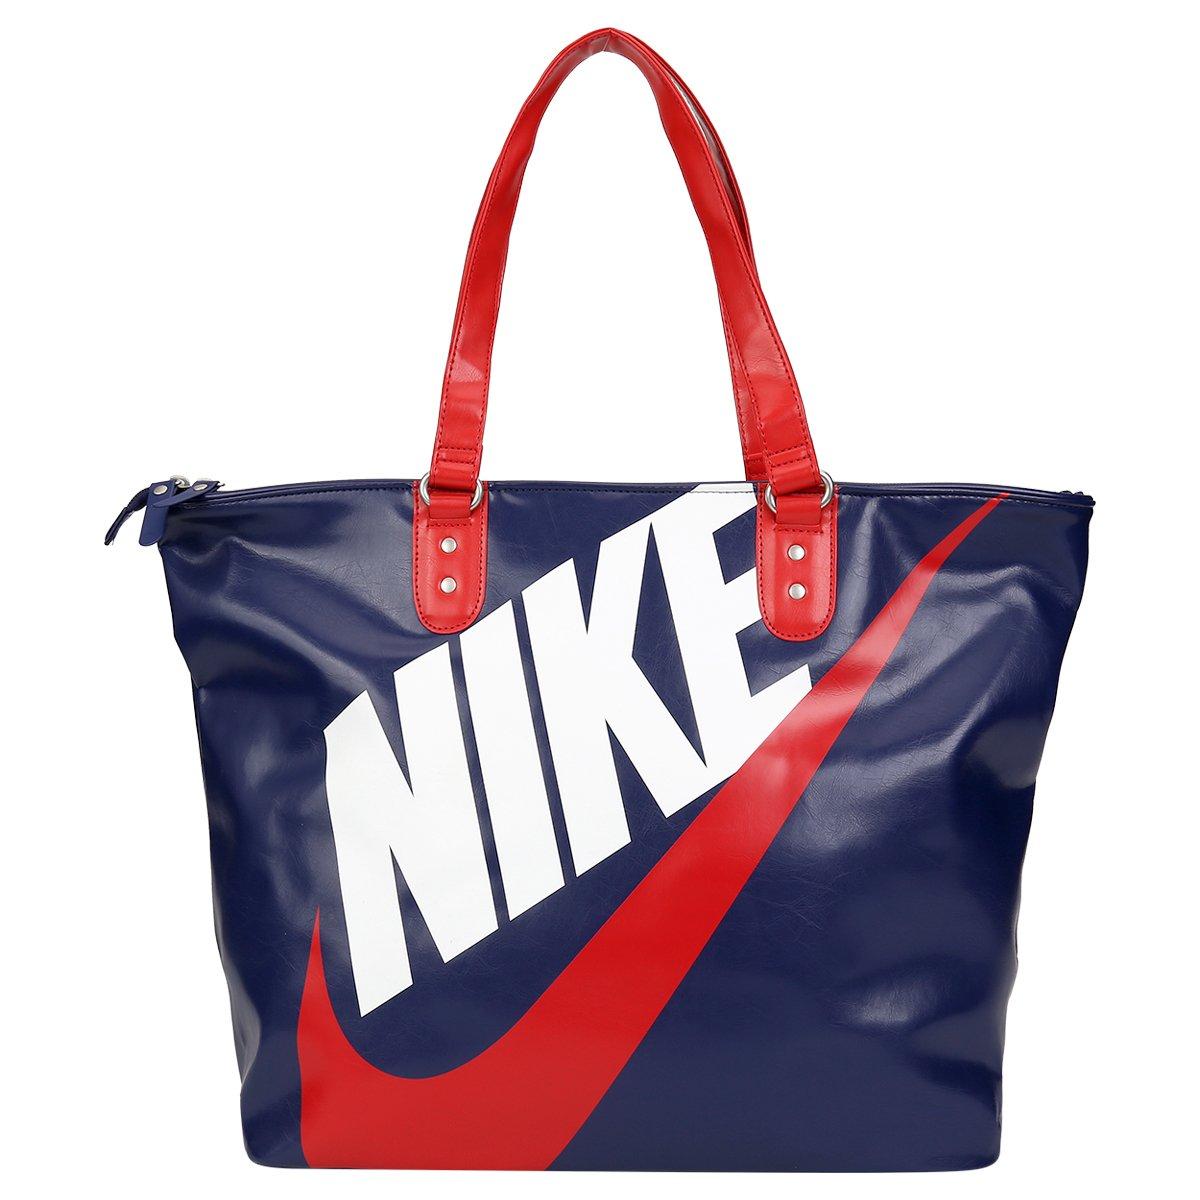 Heritage Bolsa E Vermelho Nike Tote Si Azul 76bgyvYf